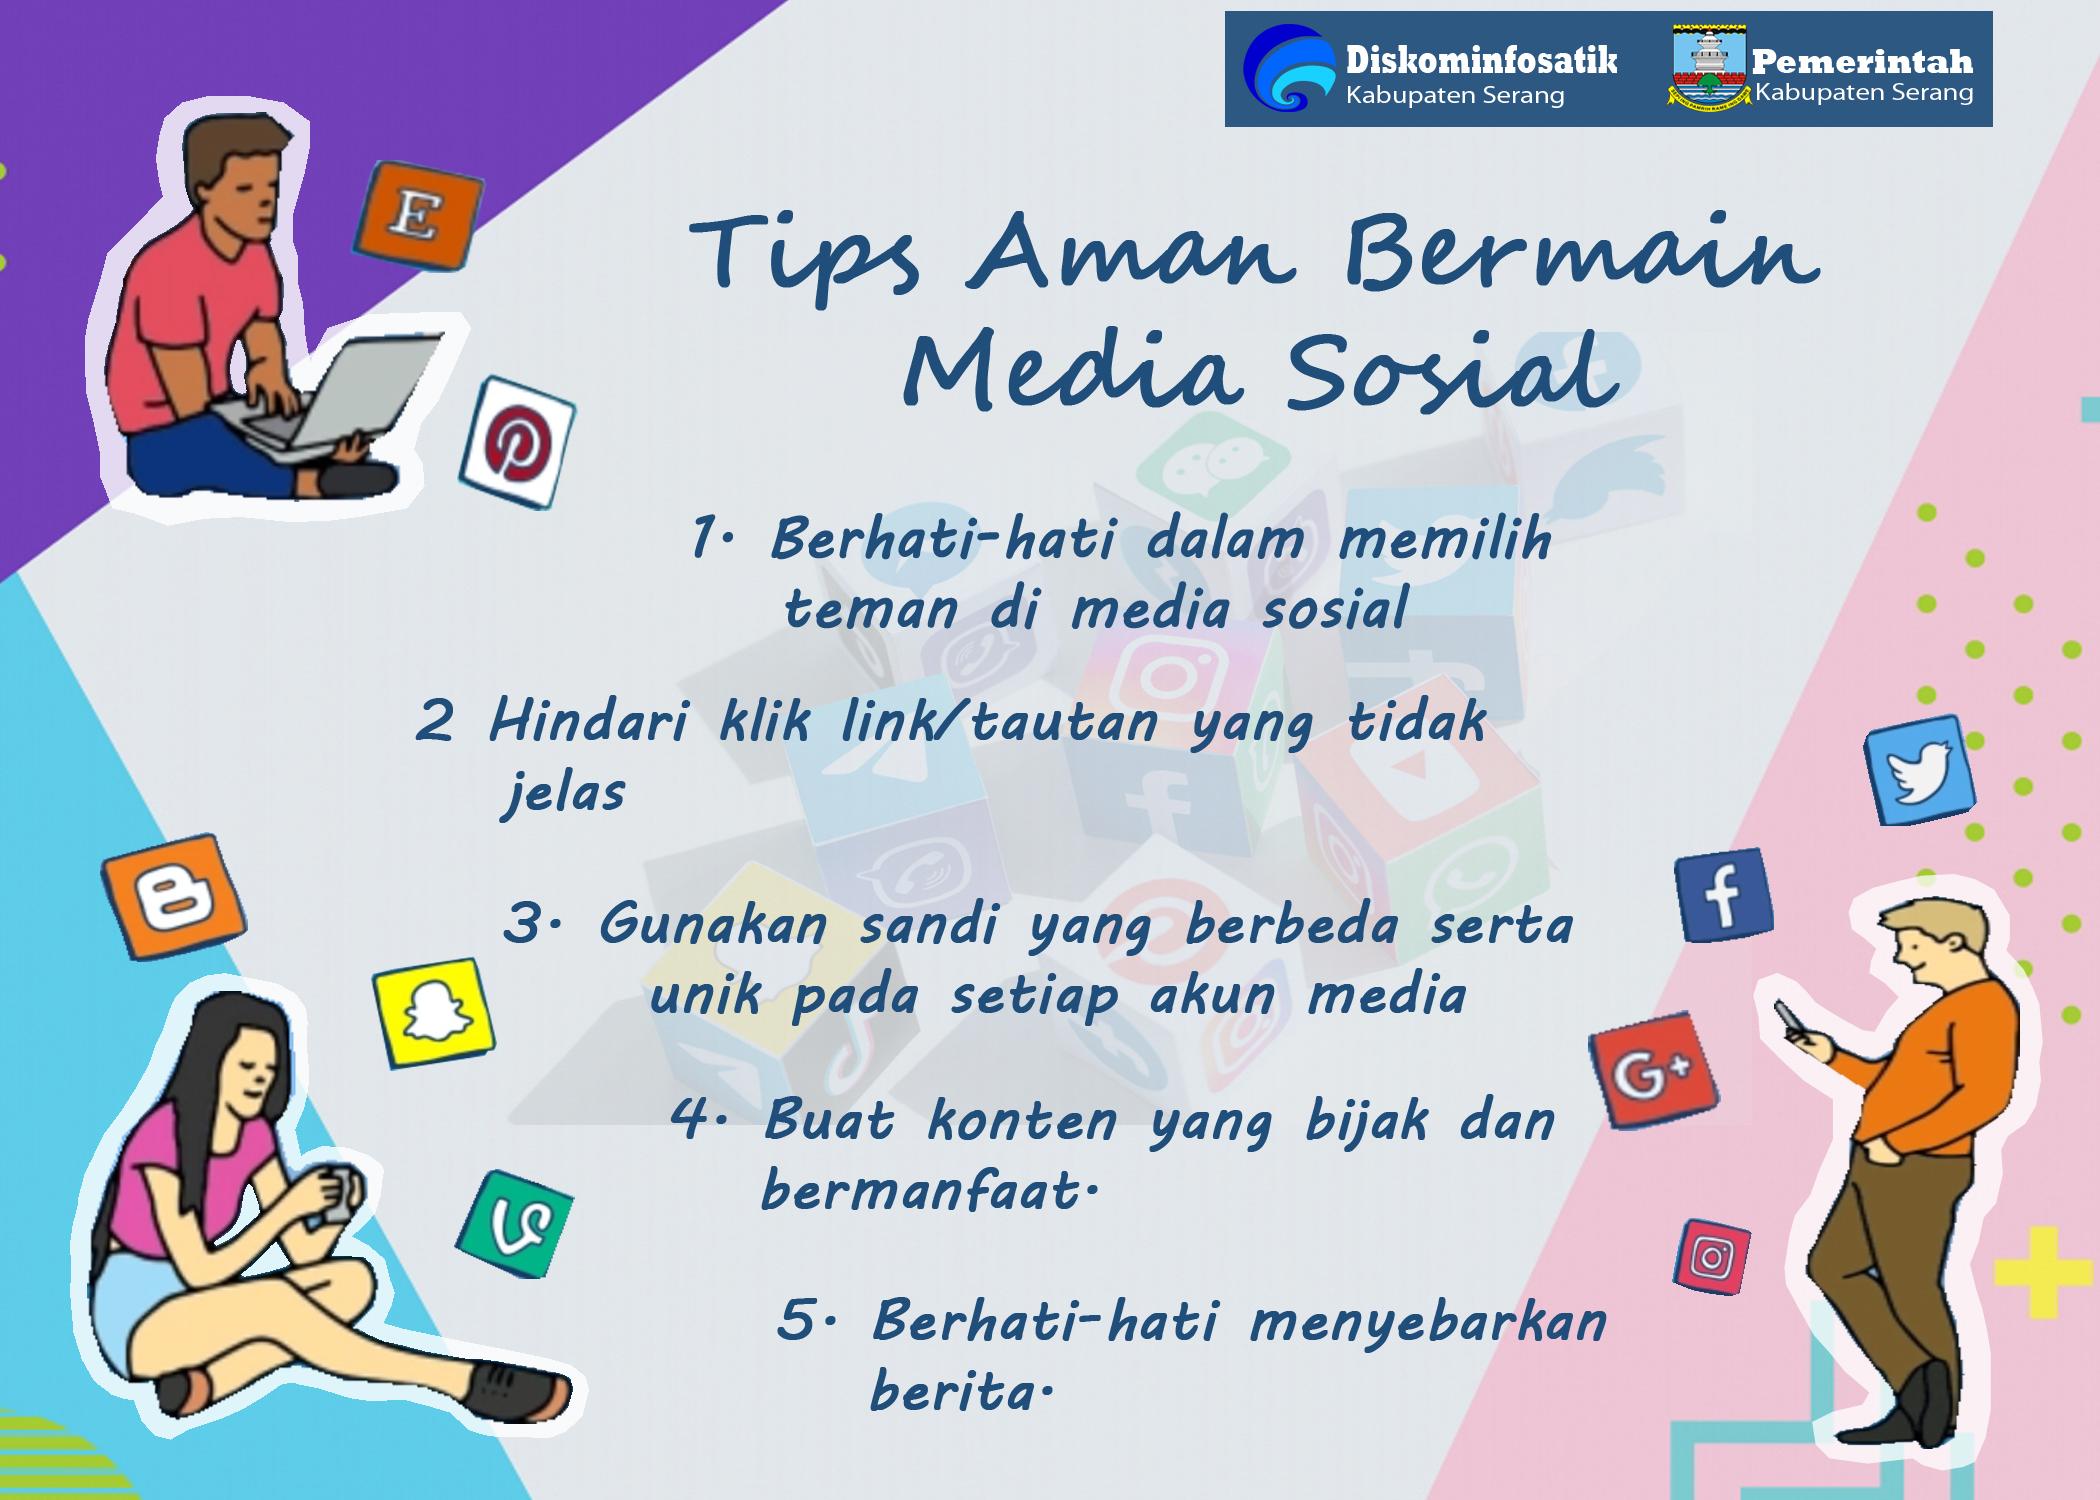 tips-aman-bermain-medis-sosial